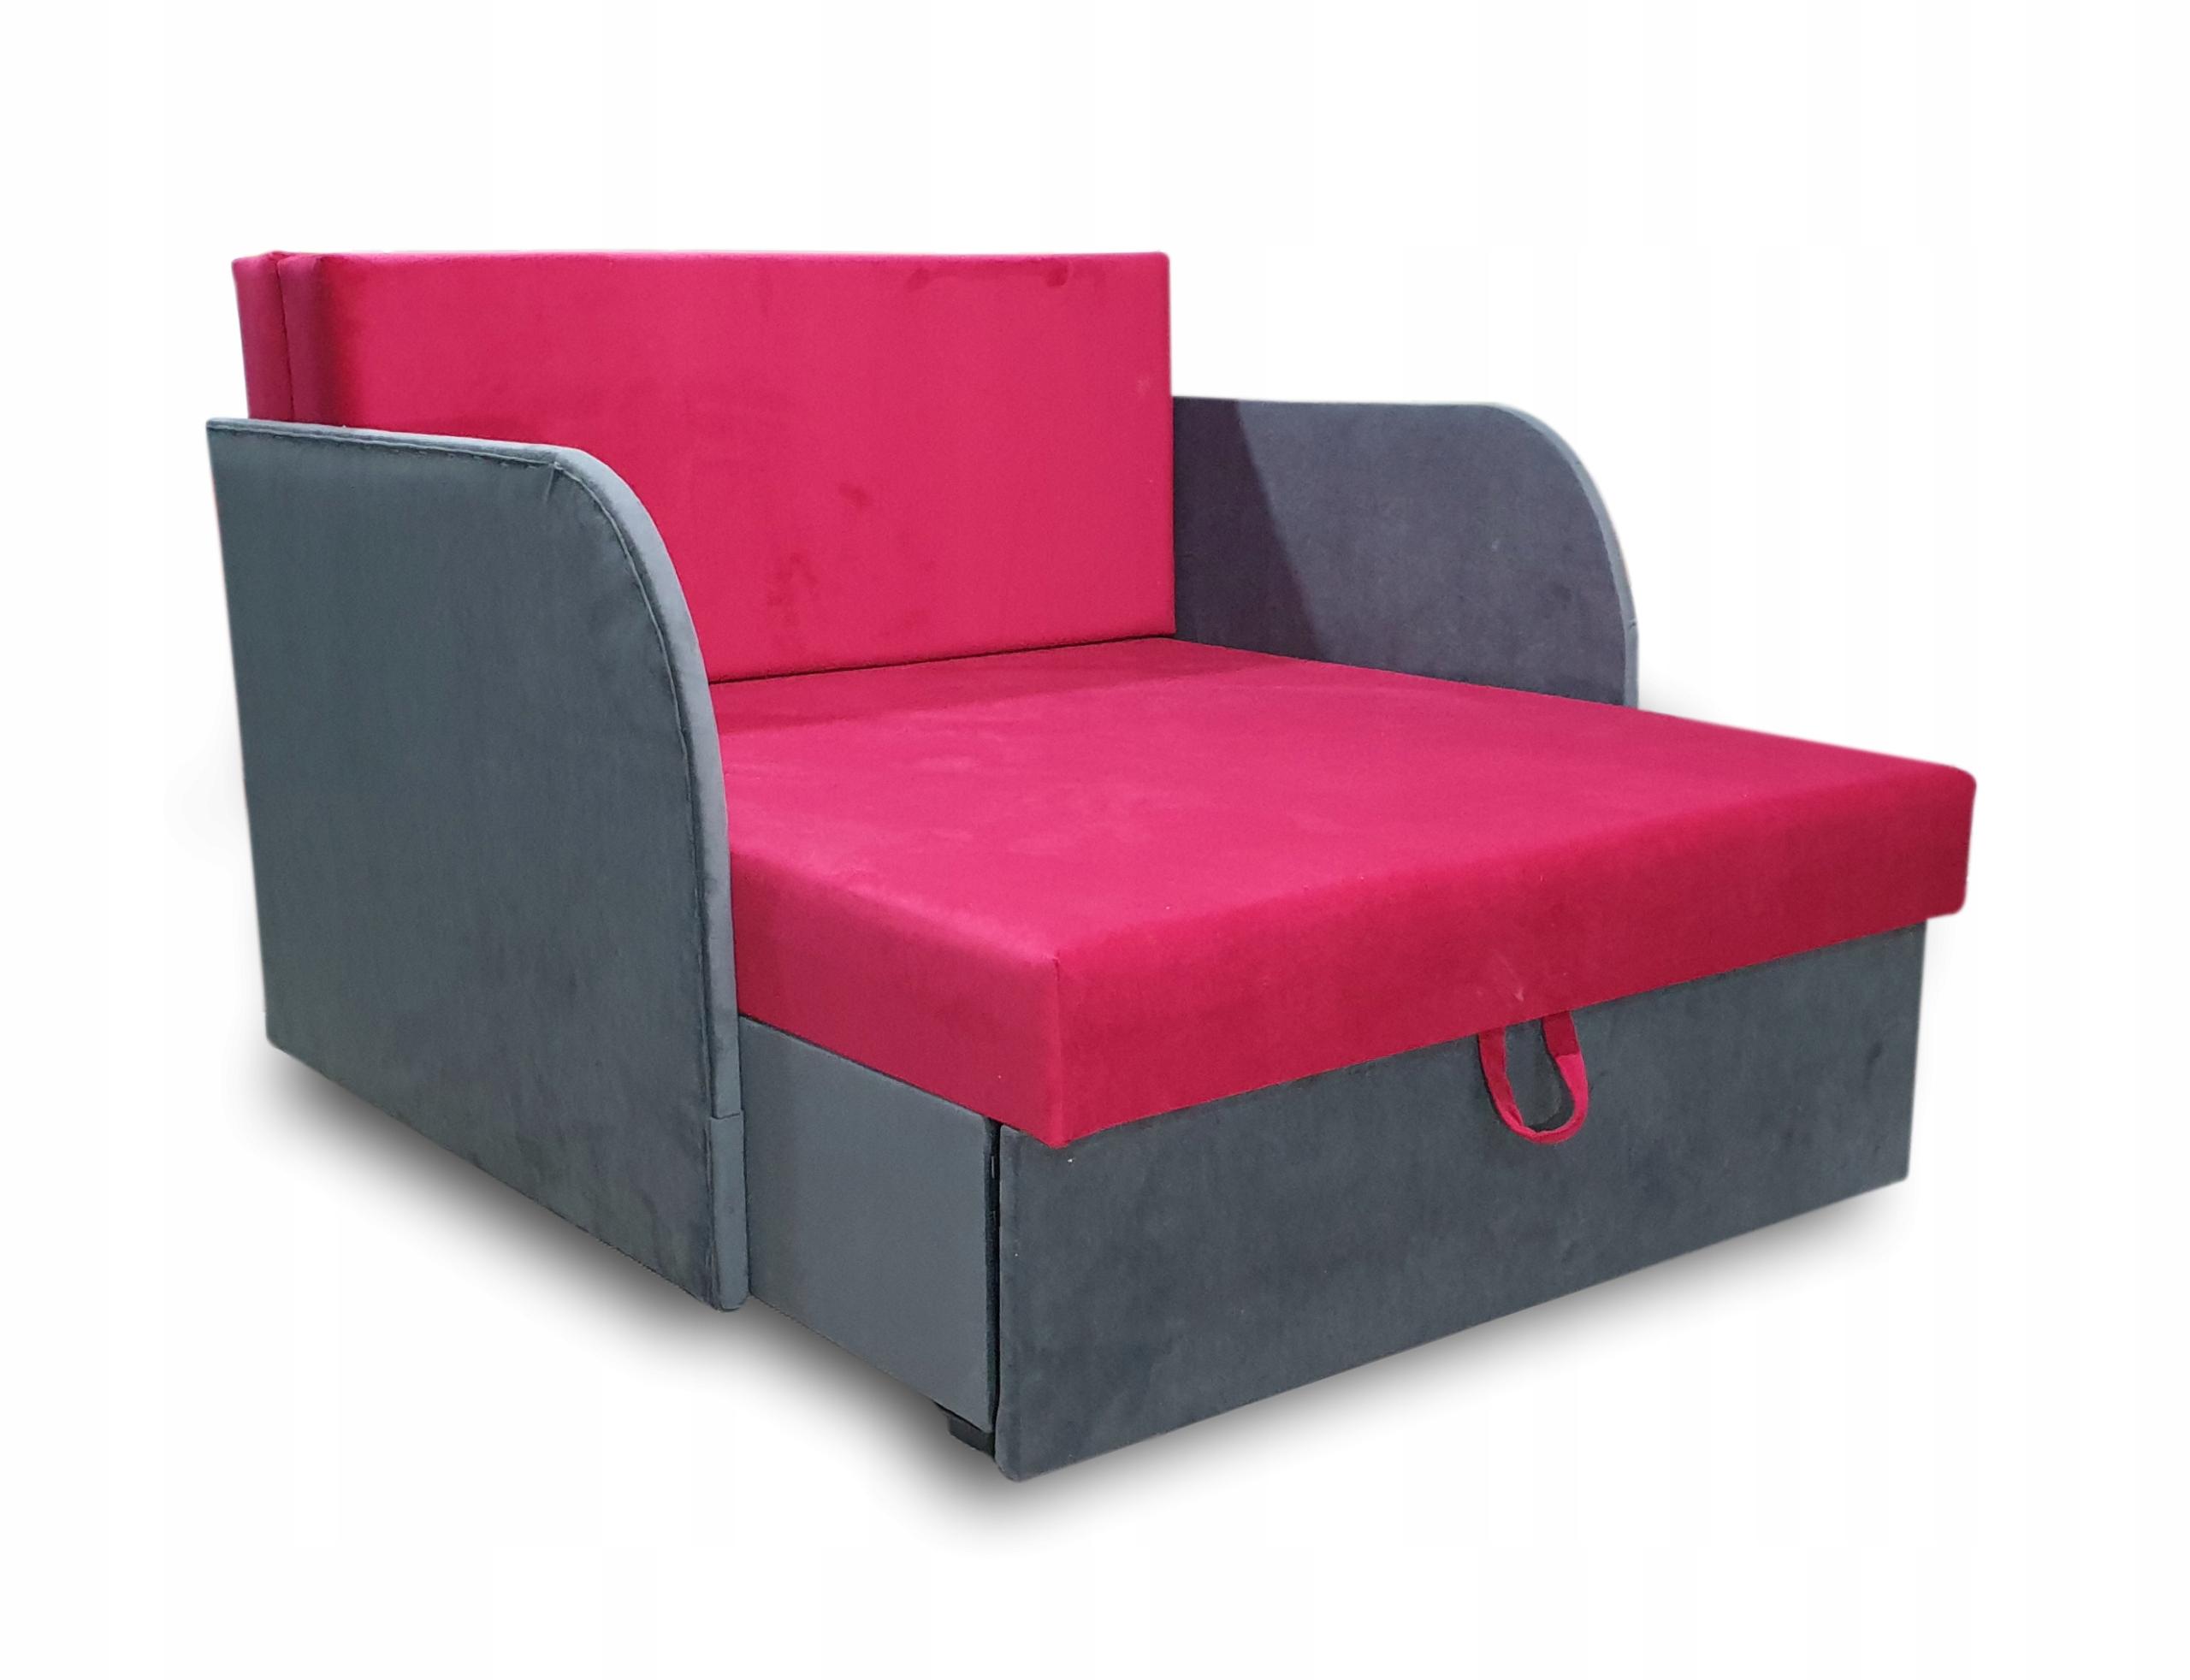 Детская кровать, раскладное кресло, много цветов!